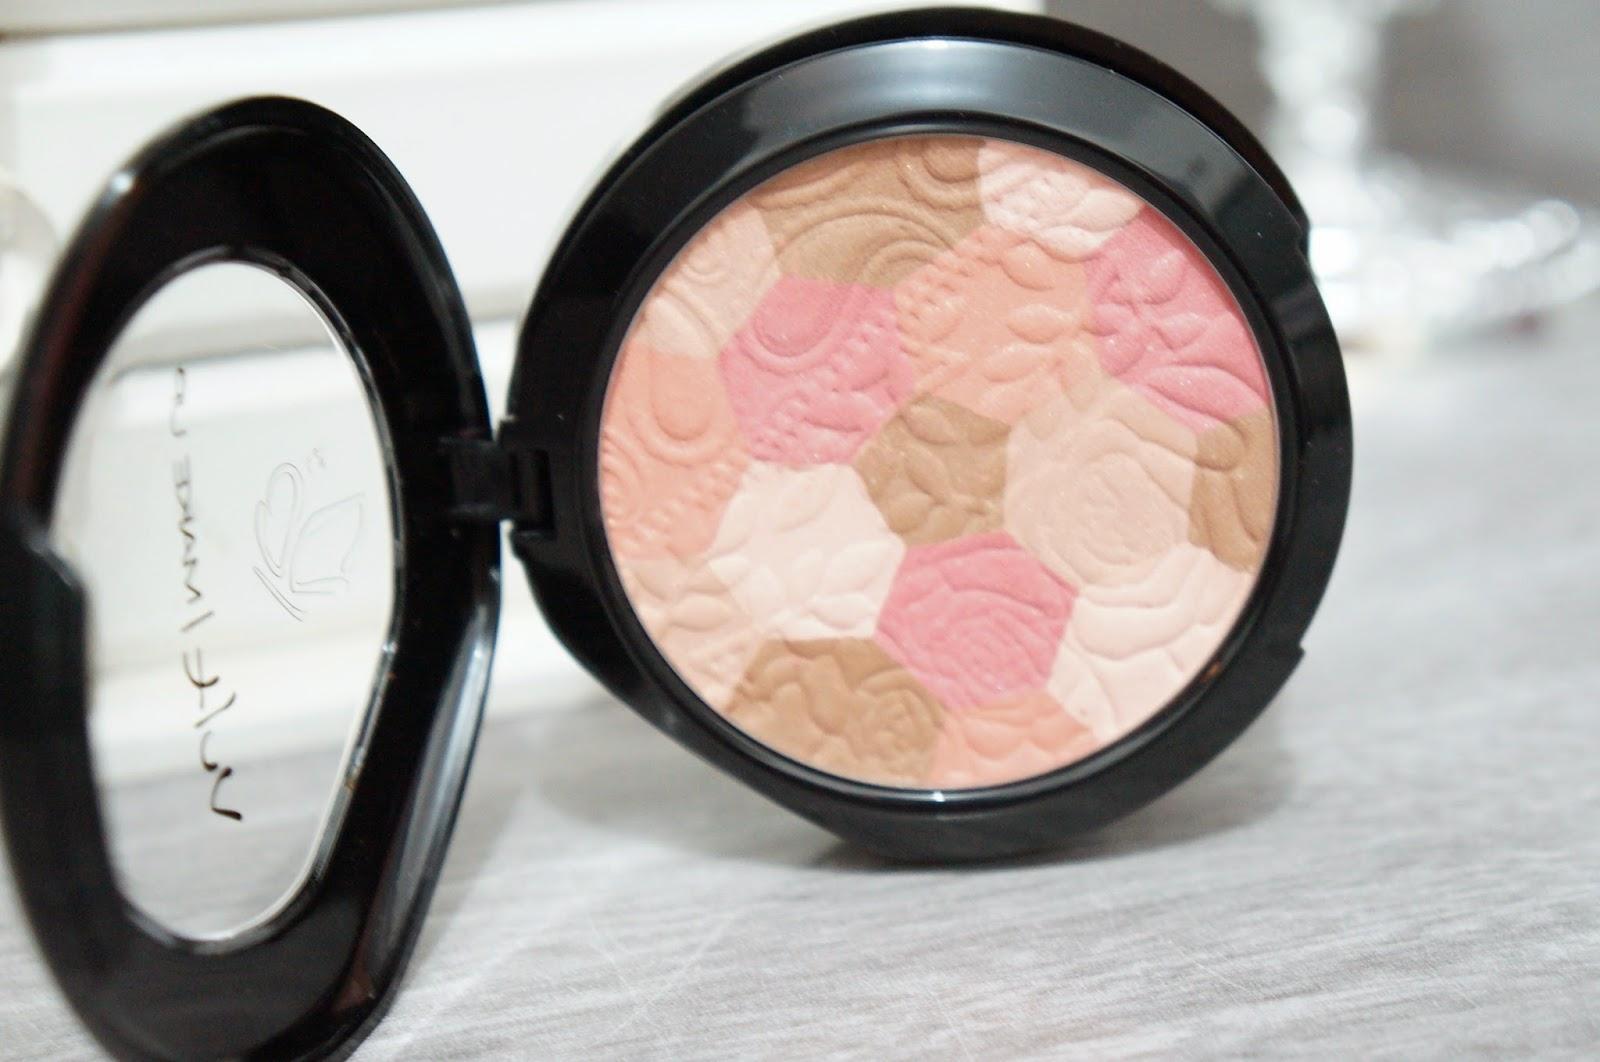 Blush Mosaico Vult